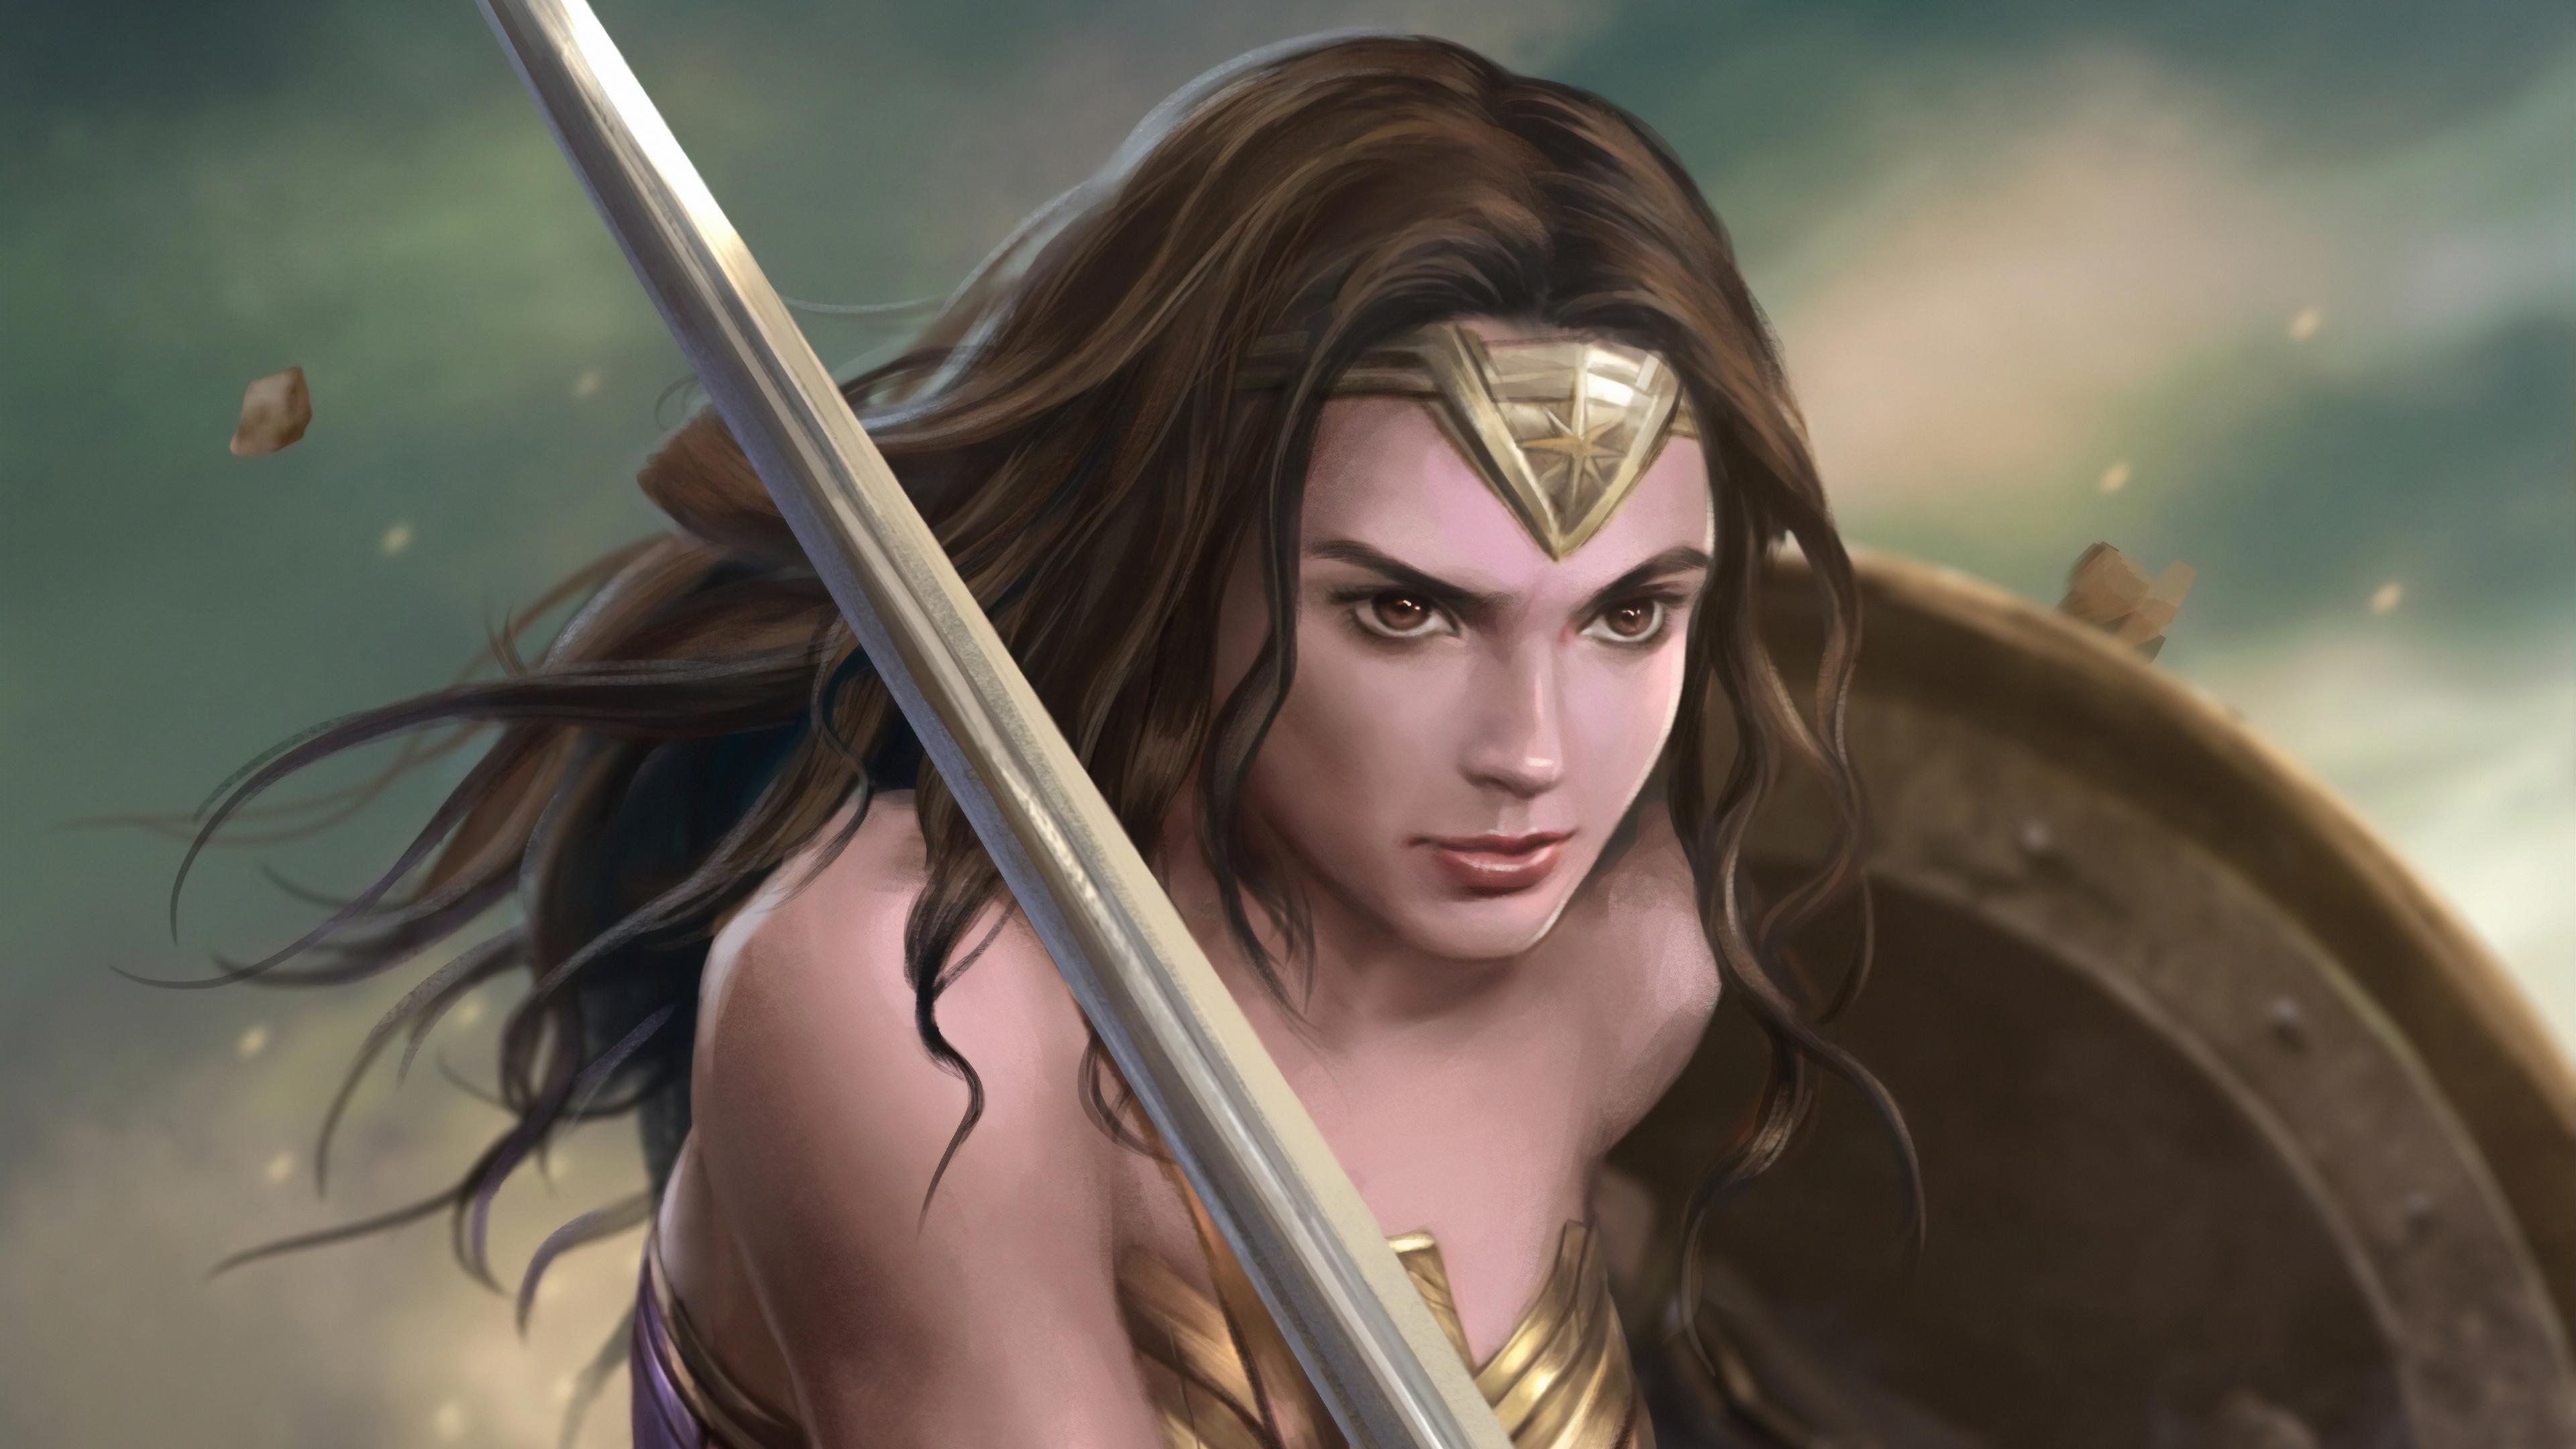 wonder woman warrior art 1570394162 - Wonder Woman Warrior Art - wonder woman wallpapers, superheroes wallpapers, hd-wallpapers, digital art wallpapers, artwork wallpapers, artstation wallpapers, 4k-wallpapers